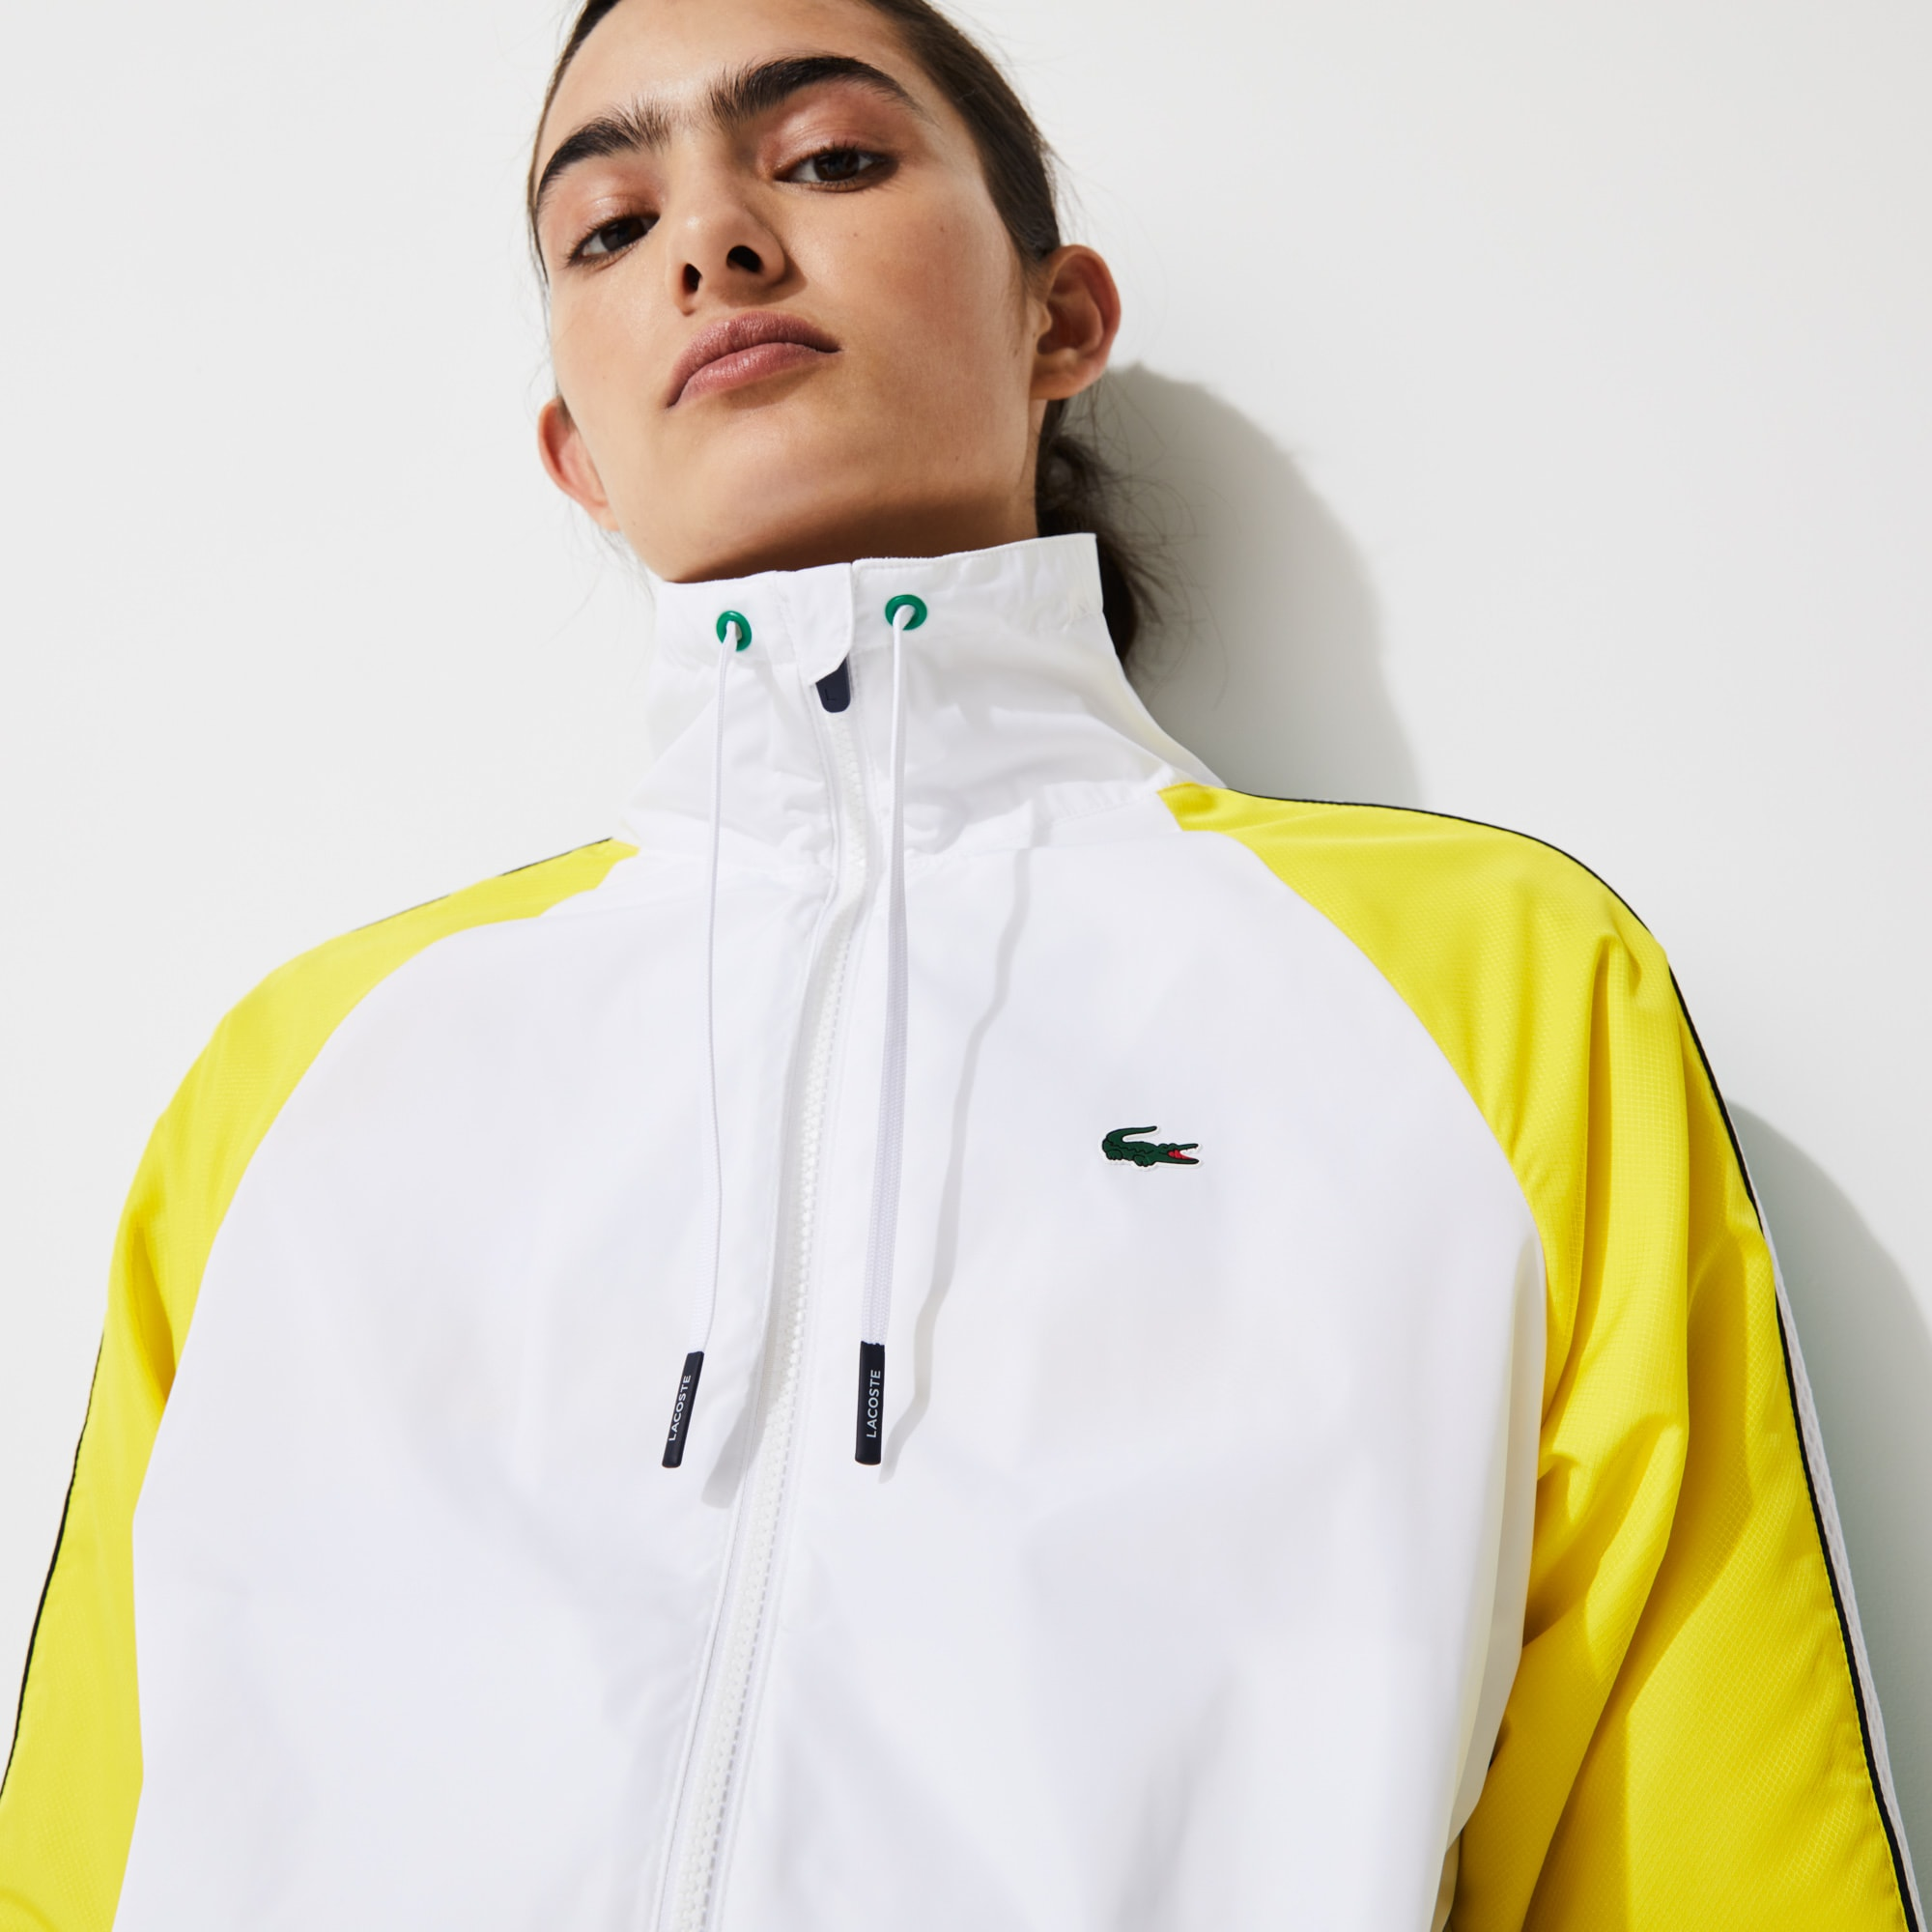 Lacoste Women's SPORT Water-Resistant Zip Tennis Jacket